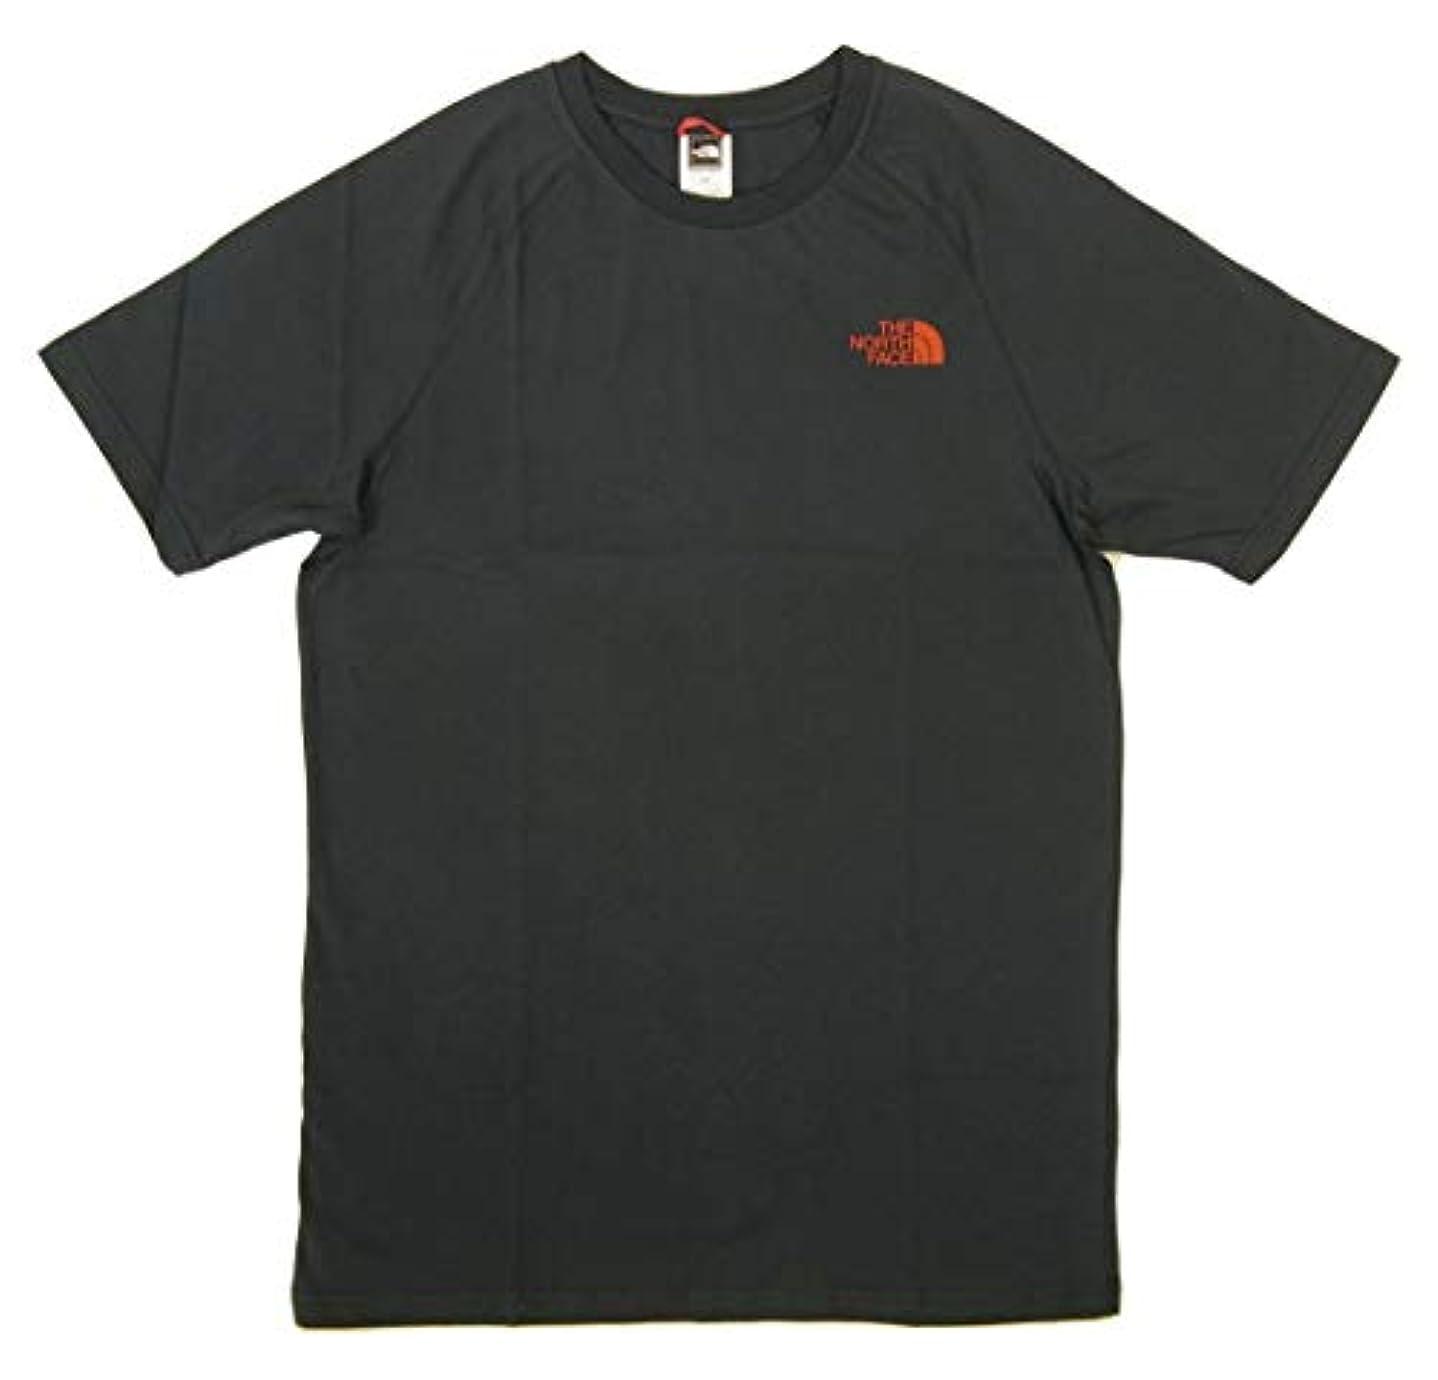 追放する無能ひそかに[ザ?ノースフェイス] Tシャツ メンズ ネイビー コットン 綿 North Face Tee NF-79 [並行輸入品]